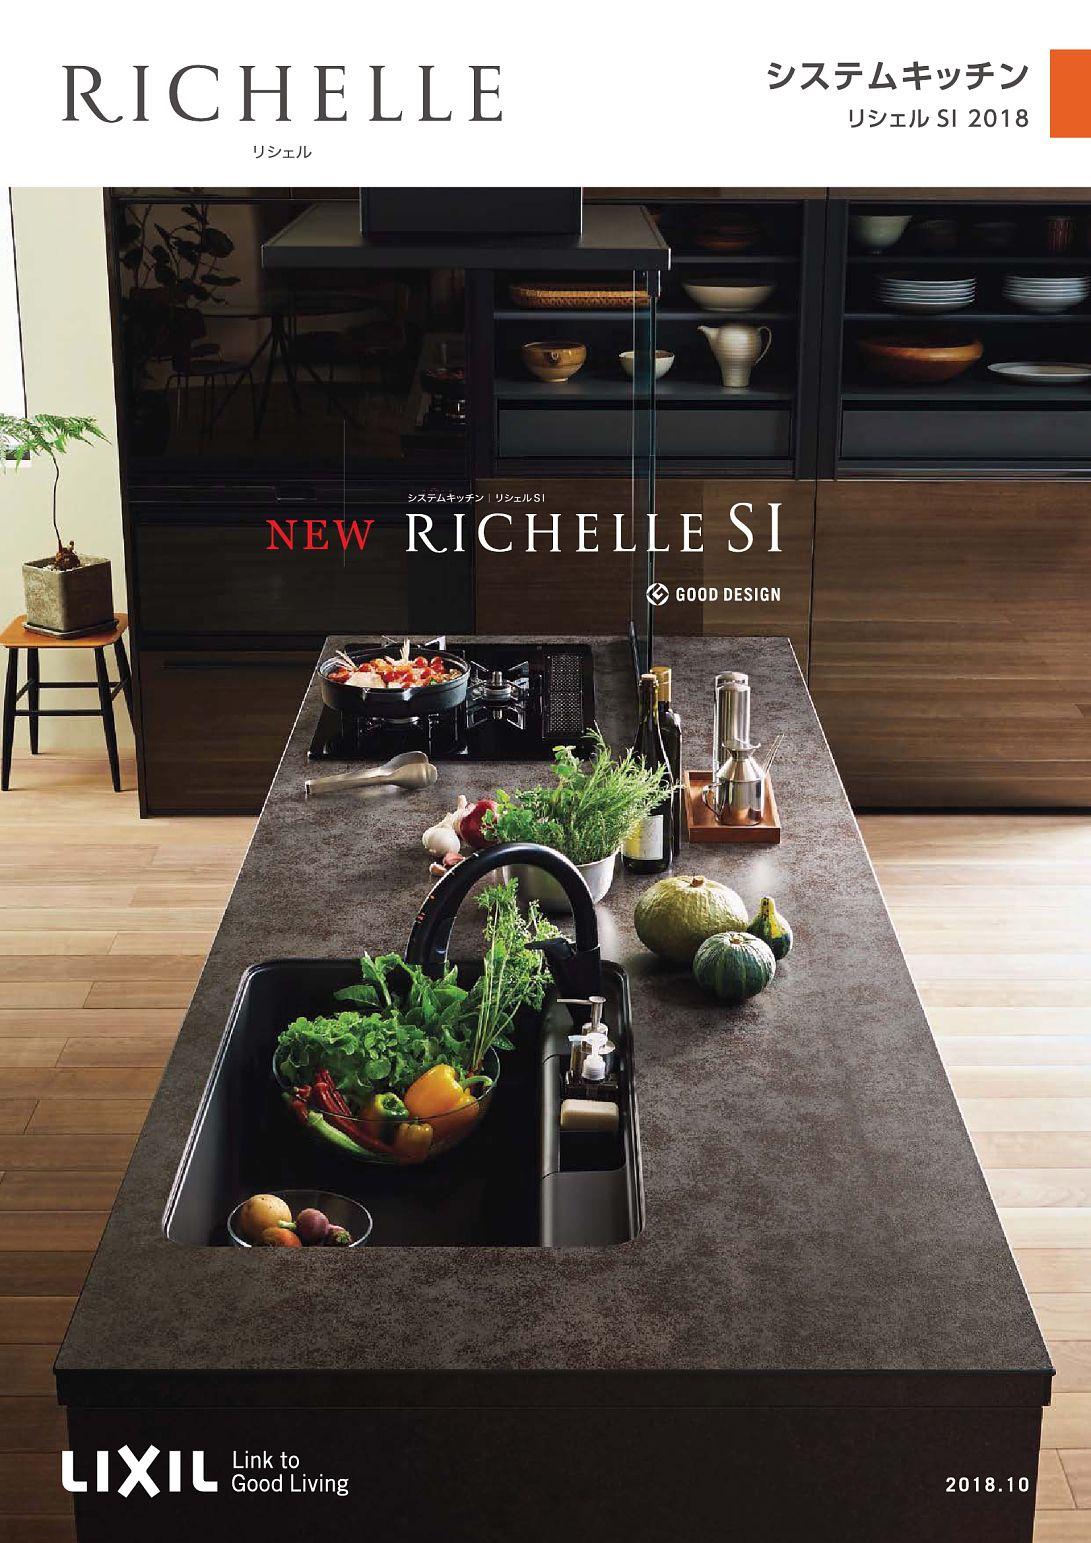 18リシェルsiカタログ 総ページ数 268 リシェルsi 豪華なキッチンデザイン キッチンデザイン